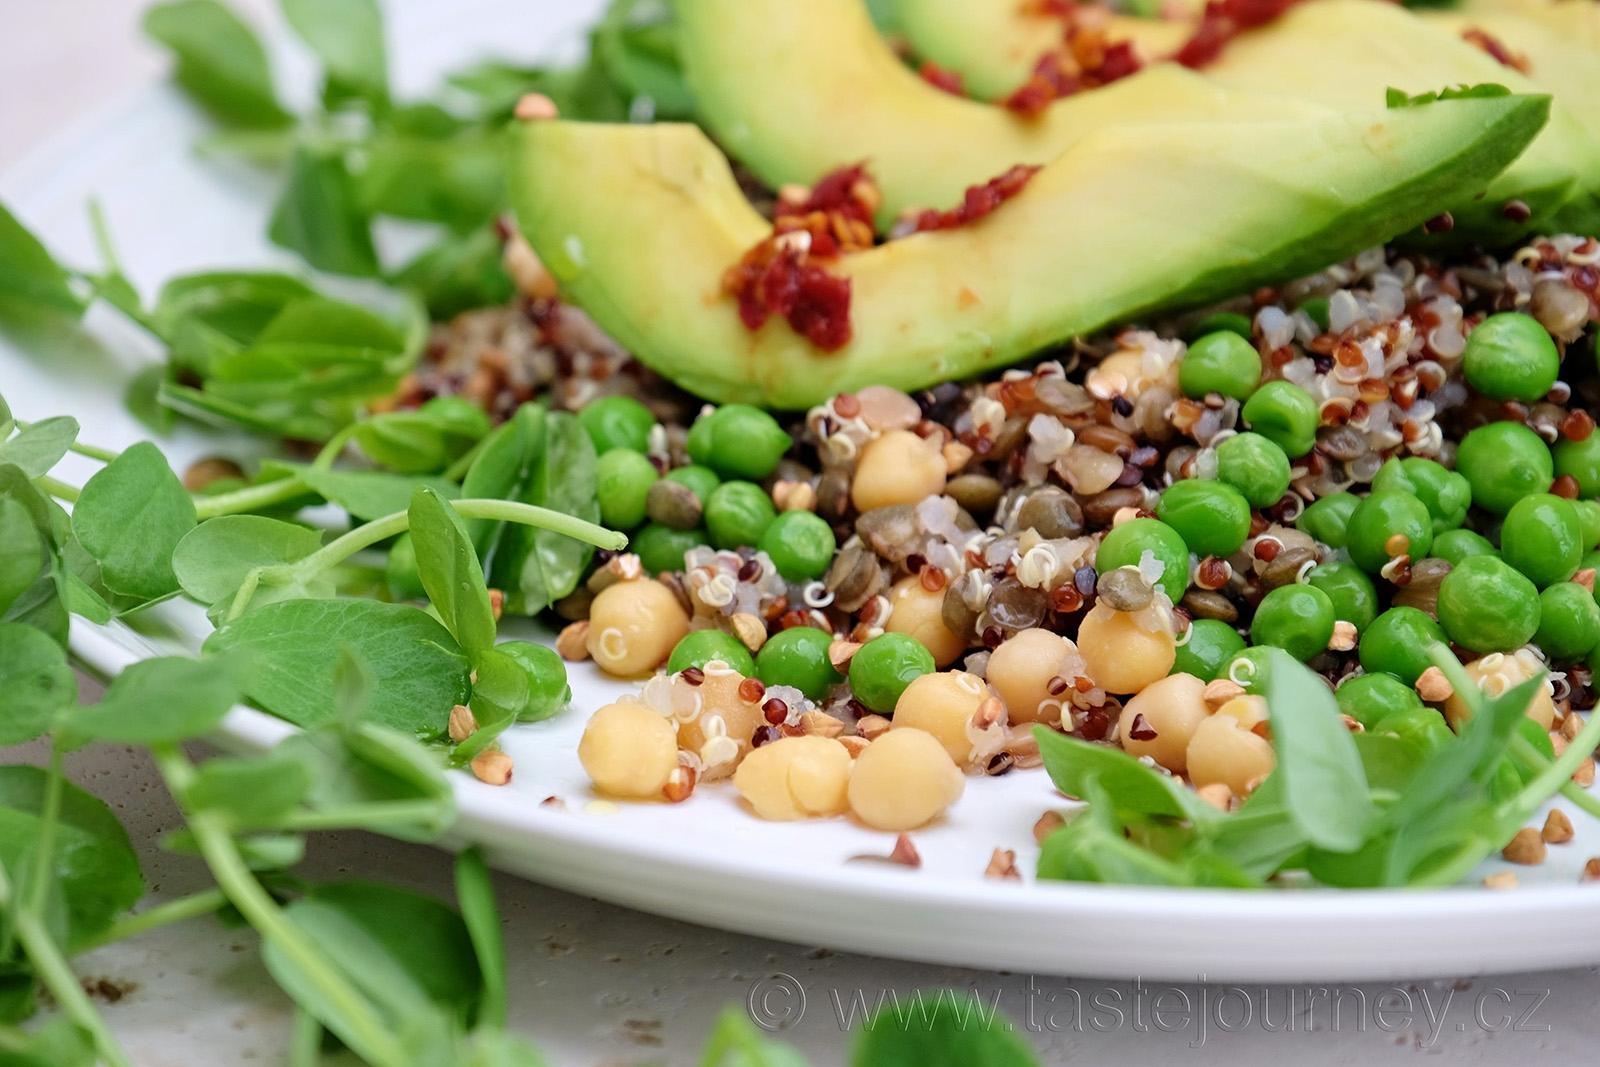 Zdravé luštěniny jsou významným zdrojem rostlinných proteinů